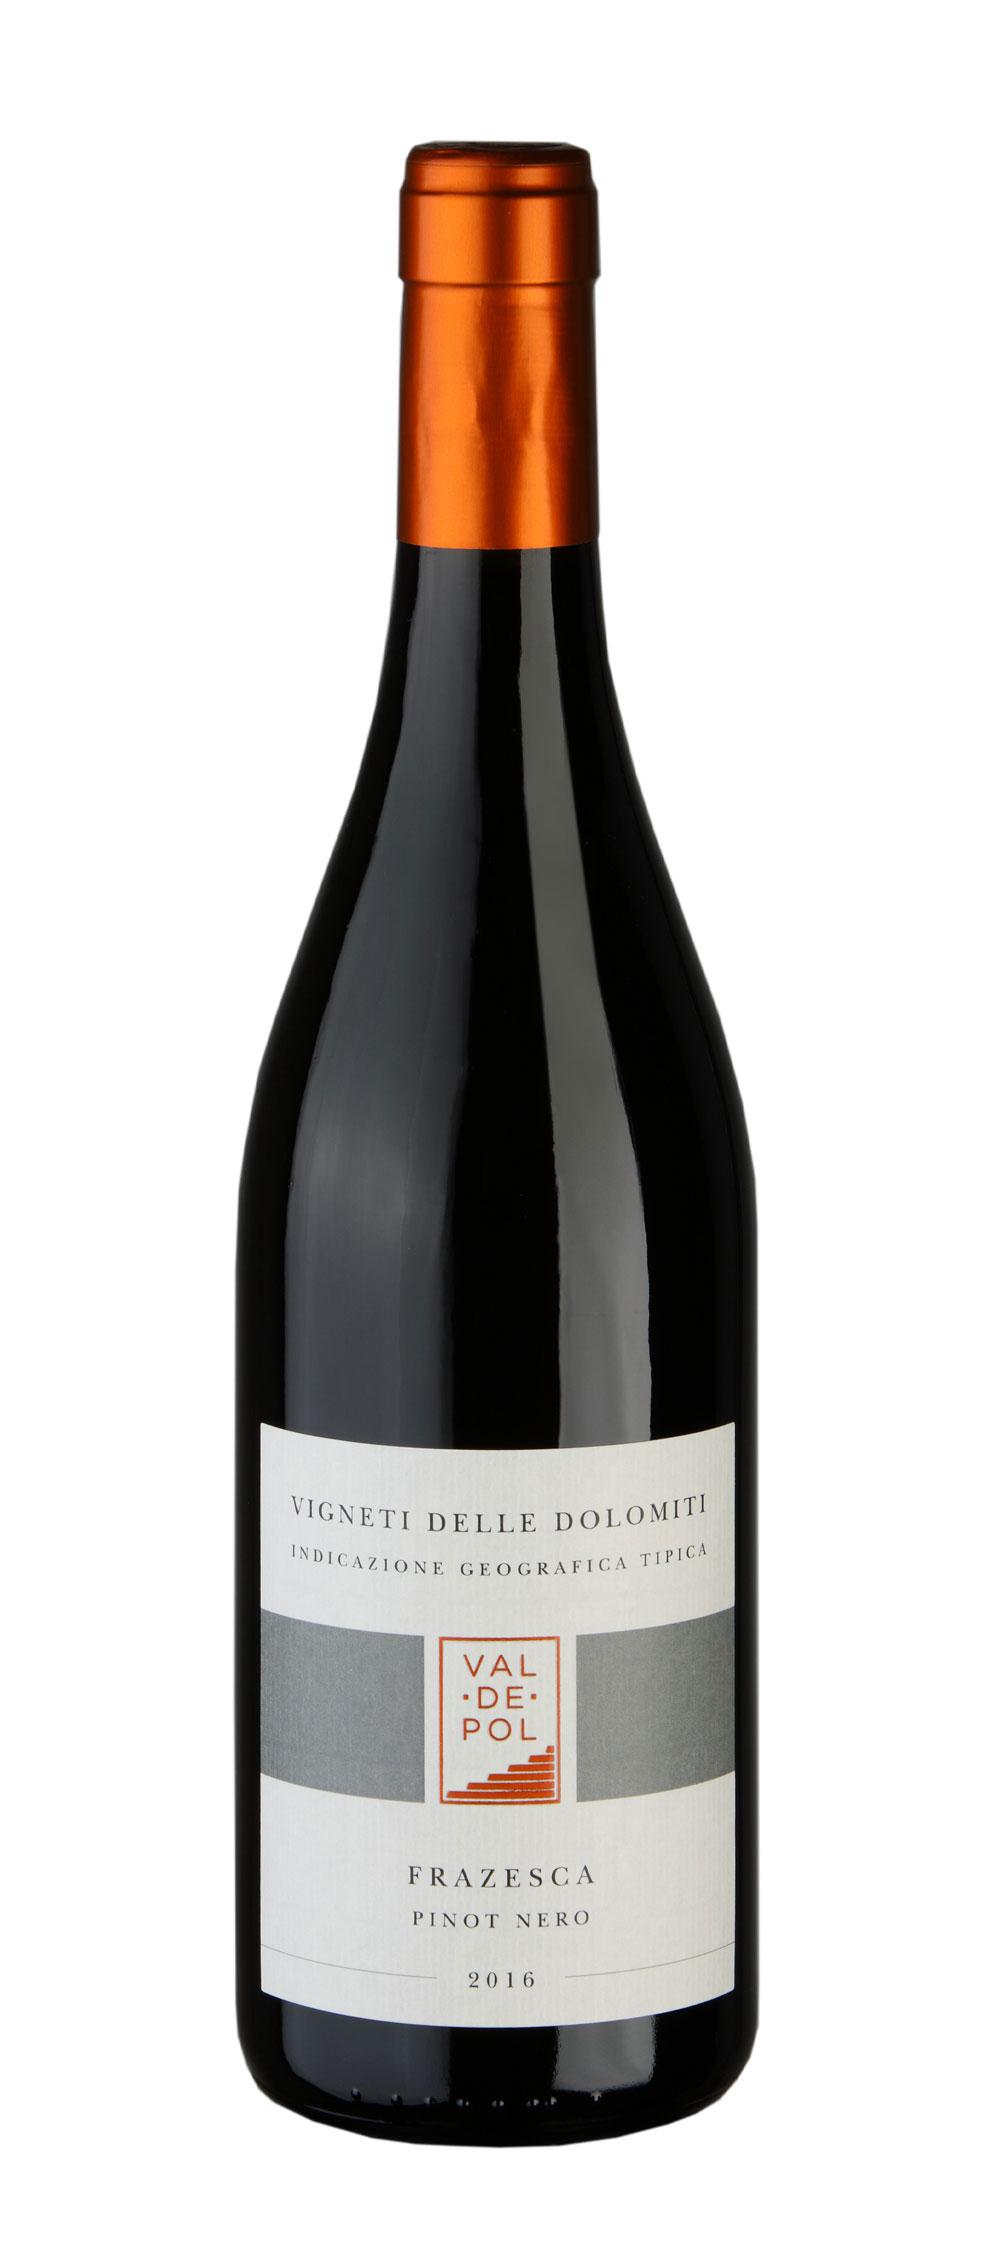 Bottiglia vino pinot nero Valdepol Frazesca